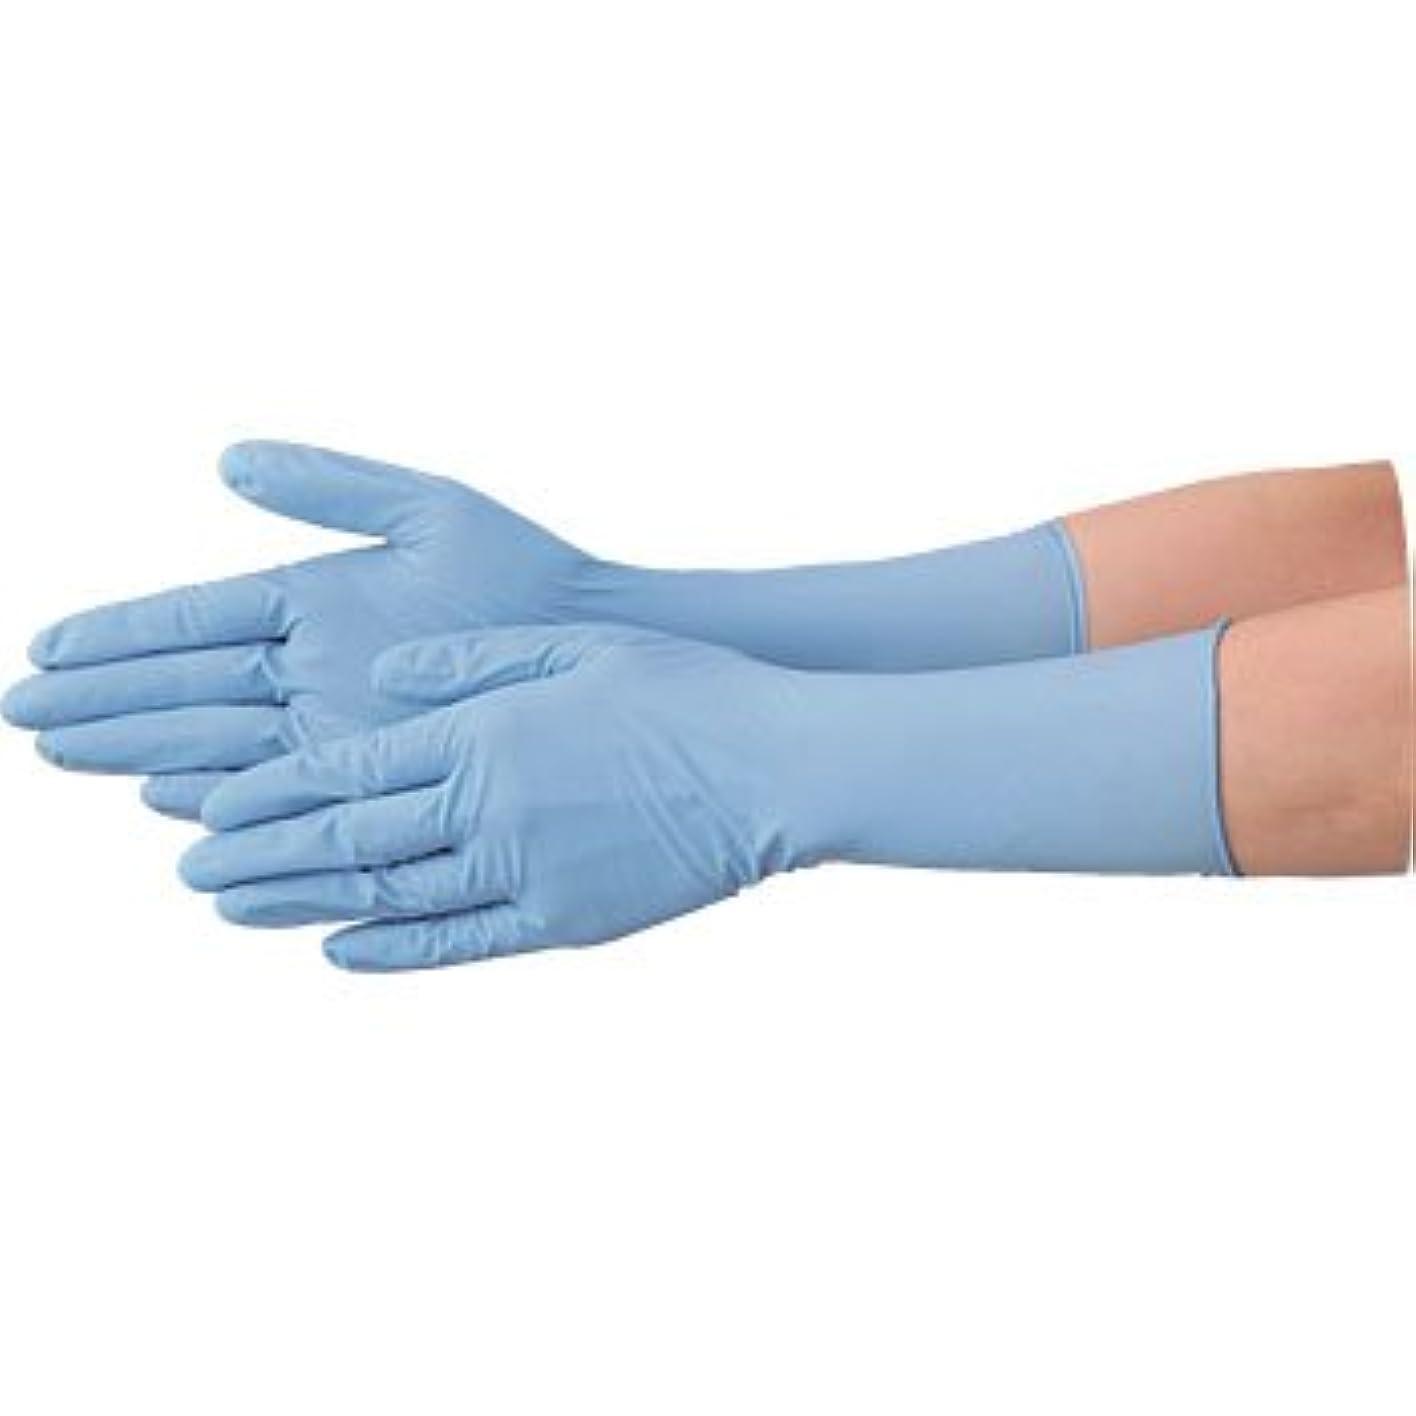 小切手外国人ハプニング使い捨て 手袋 エブノ 528 ニトリル ロング手袋 パウダーフリー 全長29cm ブルー Sサイズ 2ケース(100枚×40箱)